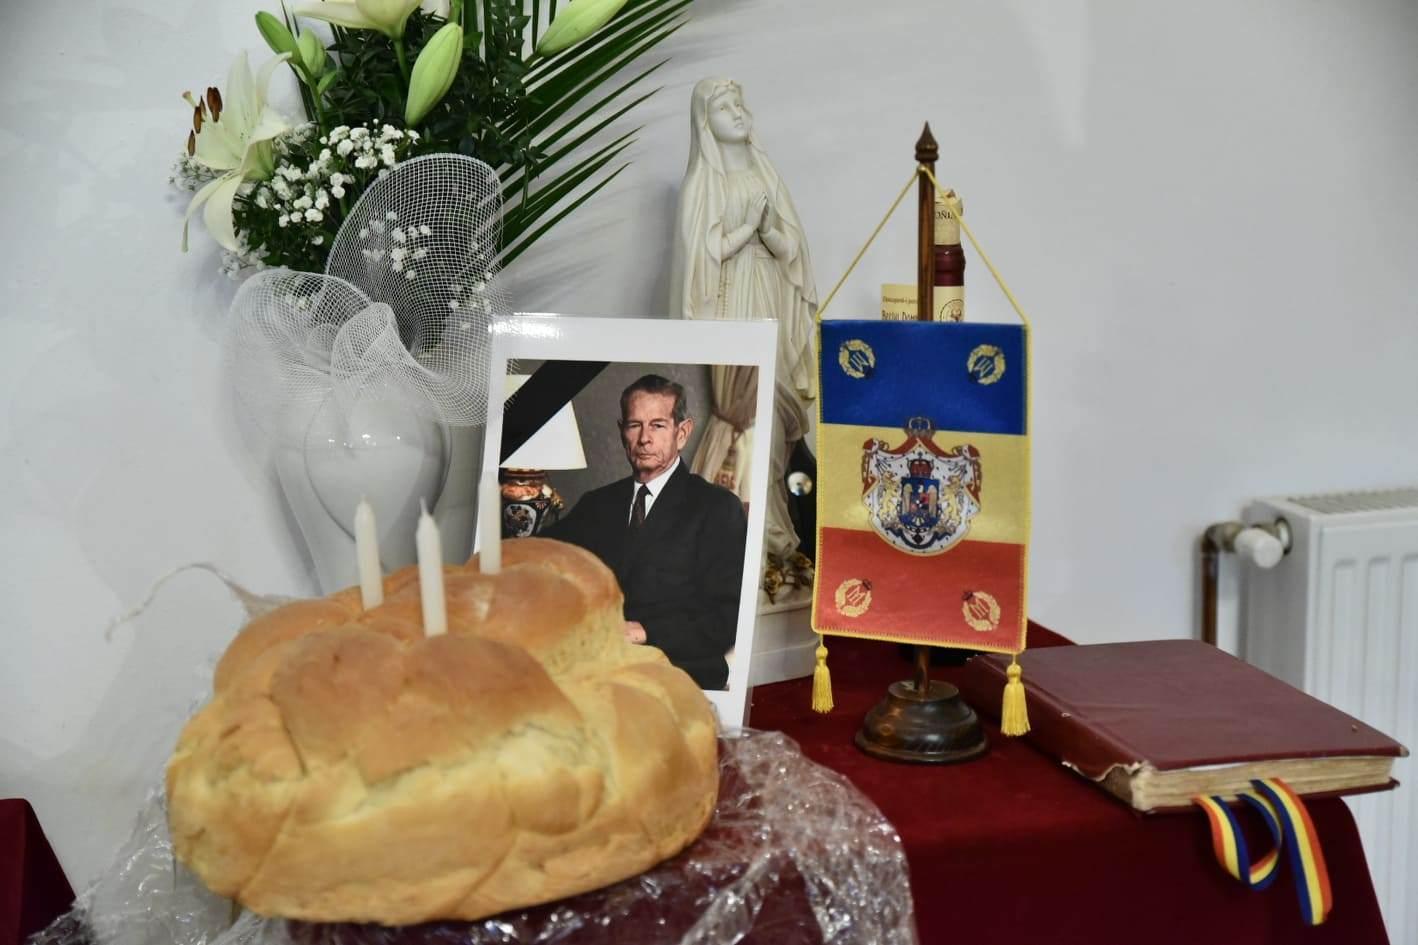 S-au rugat pentru odihna veşnică a Regelui Mihai I (GALERIE FOTO)